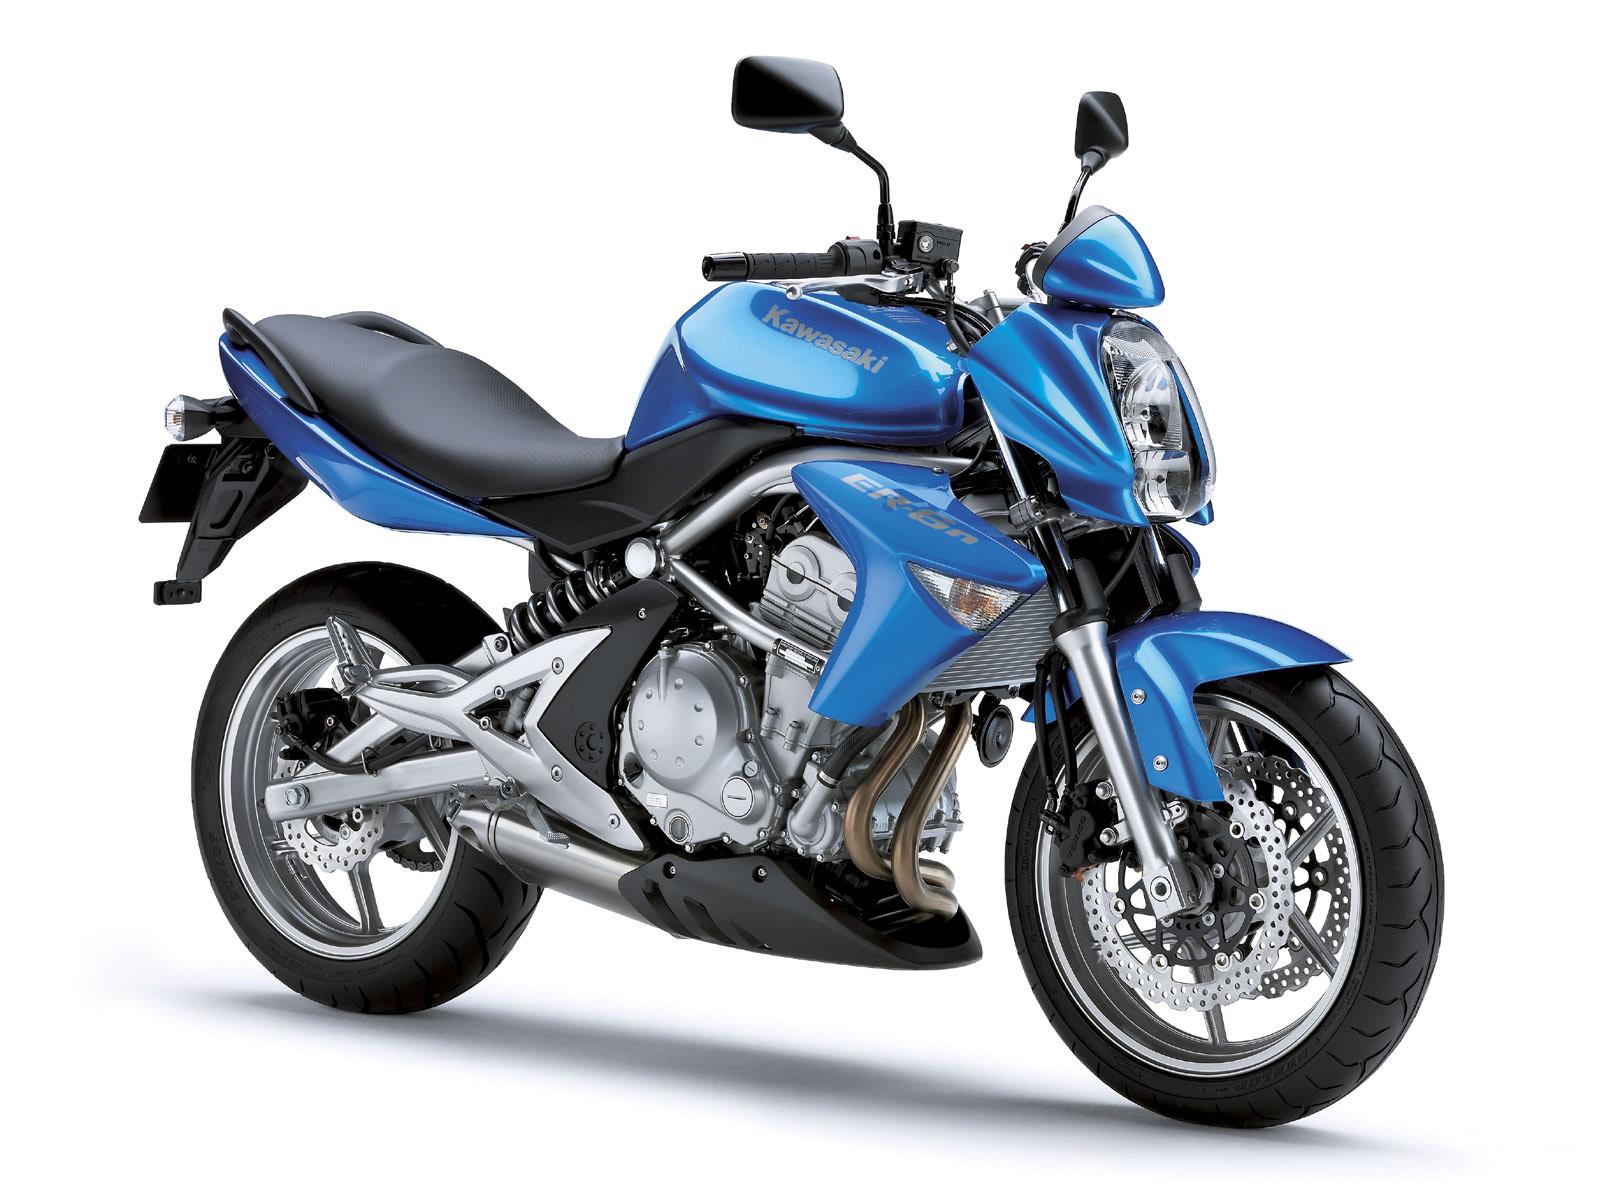 2008 Kawasaki Er 6 Simple Fast Motorcycles Motorcycles